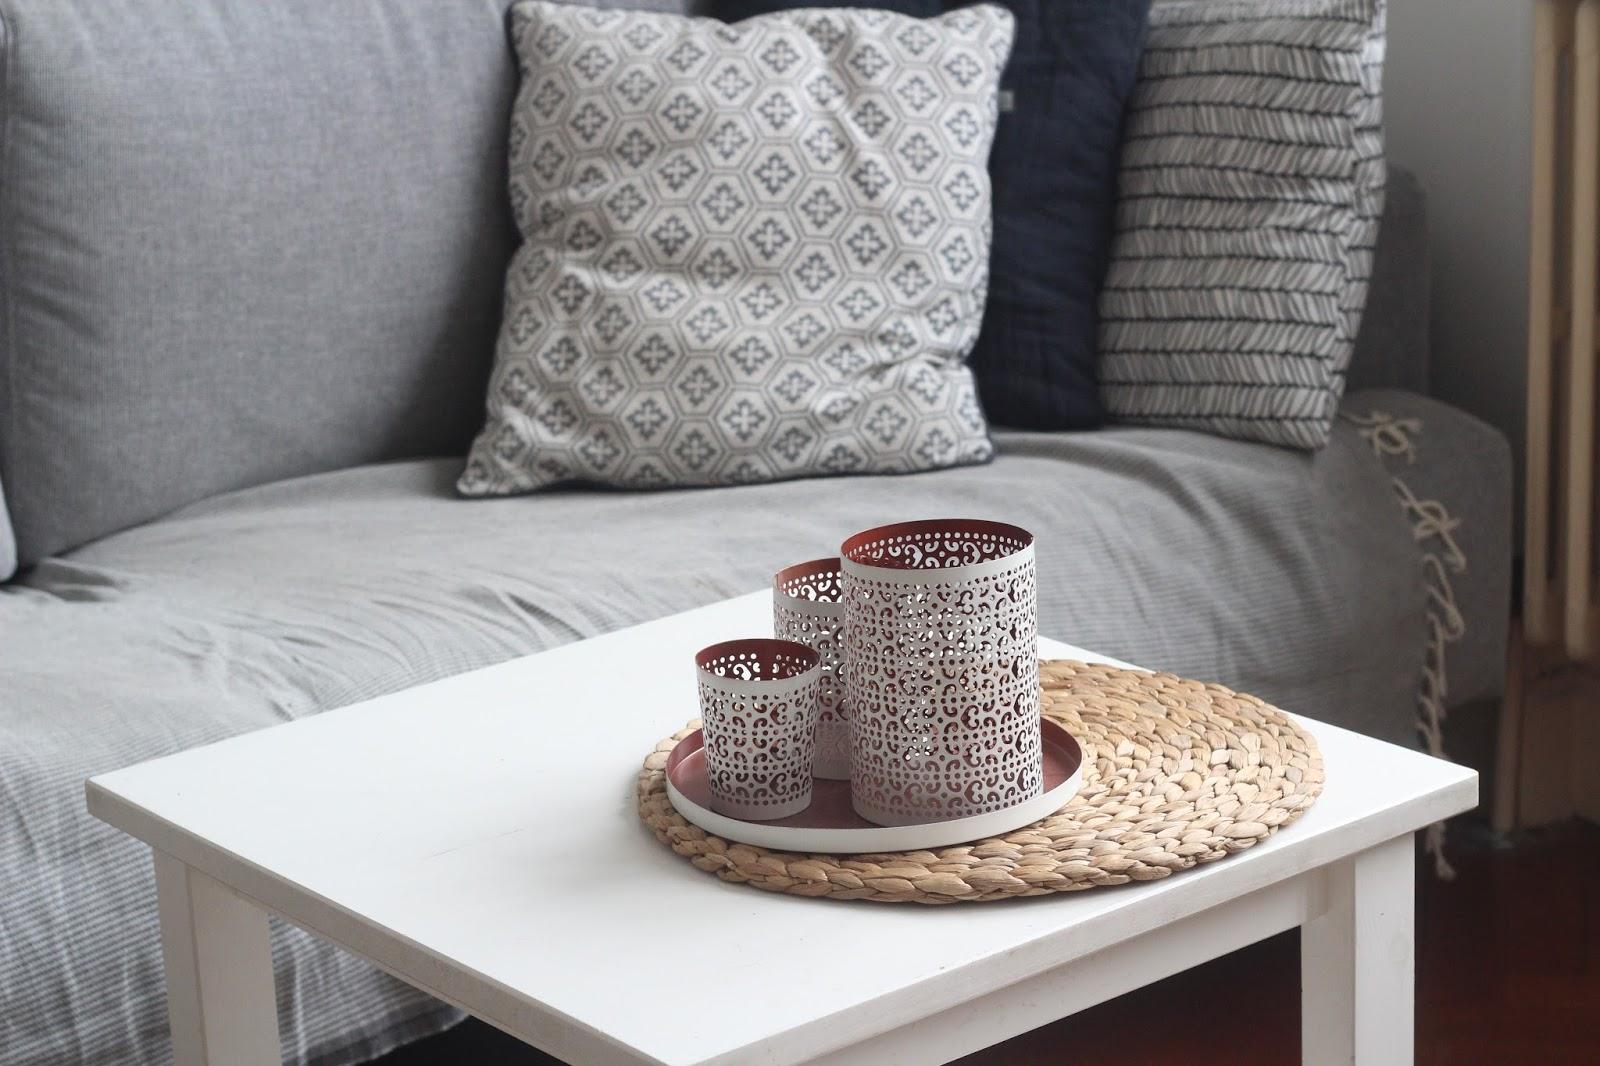 Nouveaut s d co avec babou jumelle ln blog mode lyon for Babou decoration